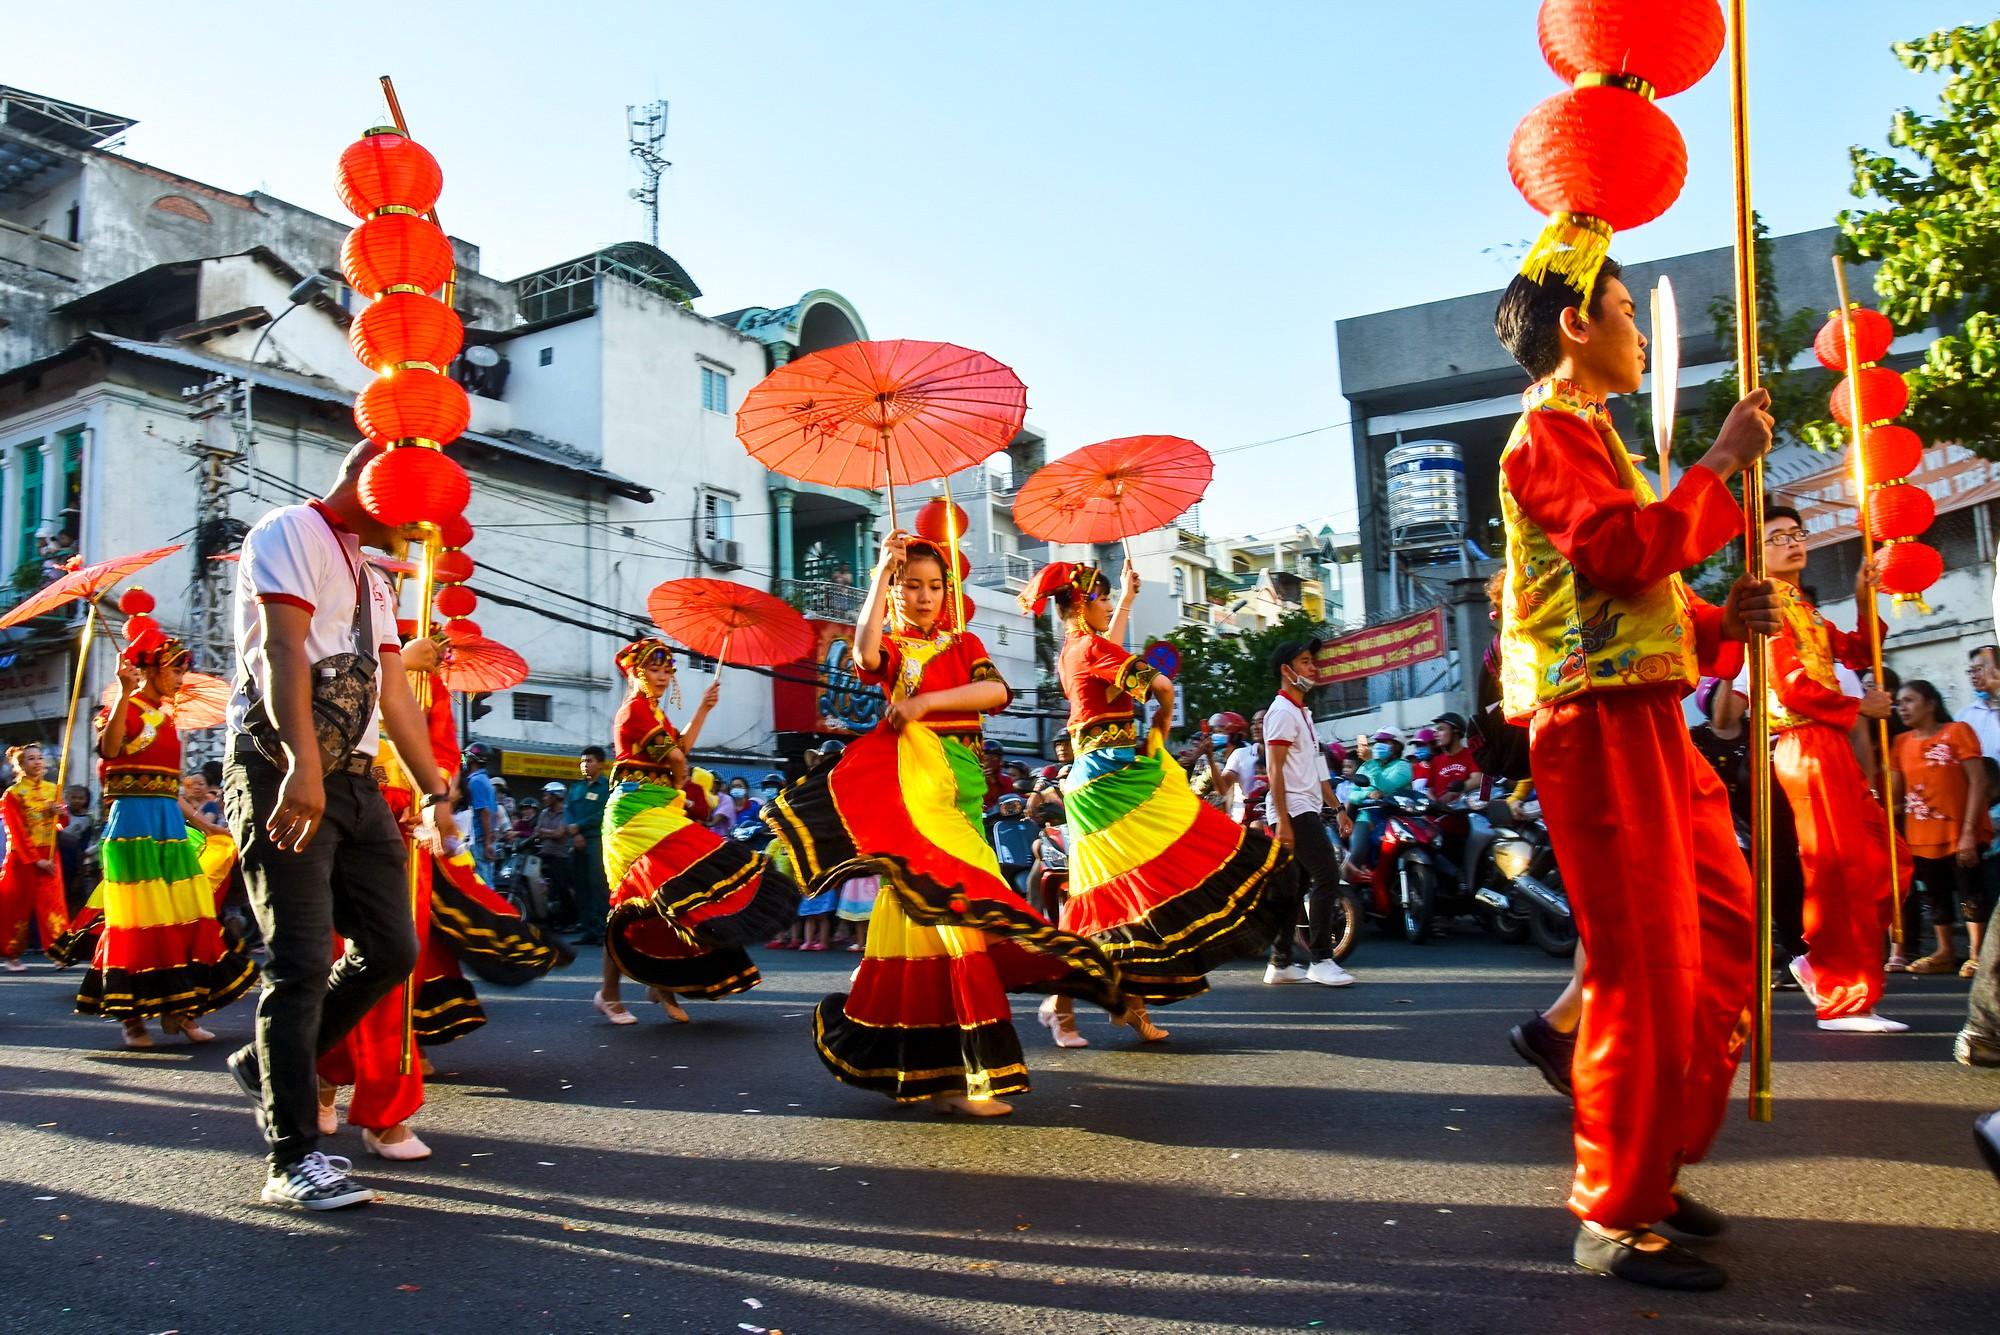 Tết Nguyên tiêu của người Hoa ở quận 5 vừa trở thành danh sách văn hóa phi vật thể quốc gia - Ảnh: N.L.Đ